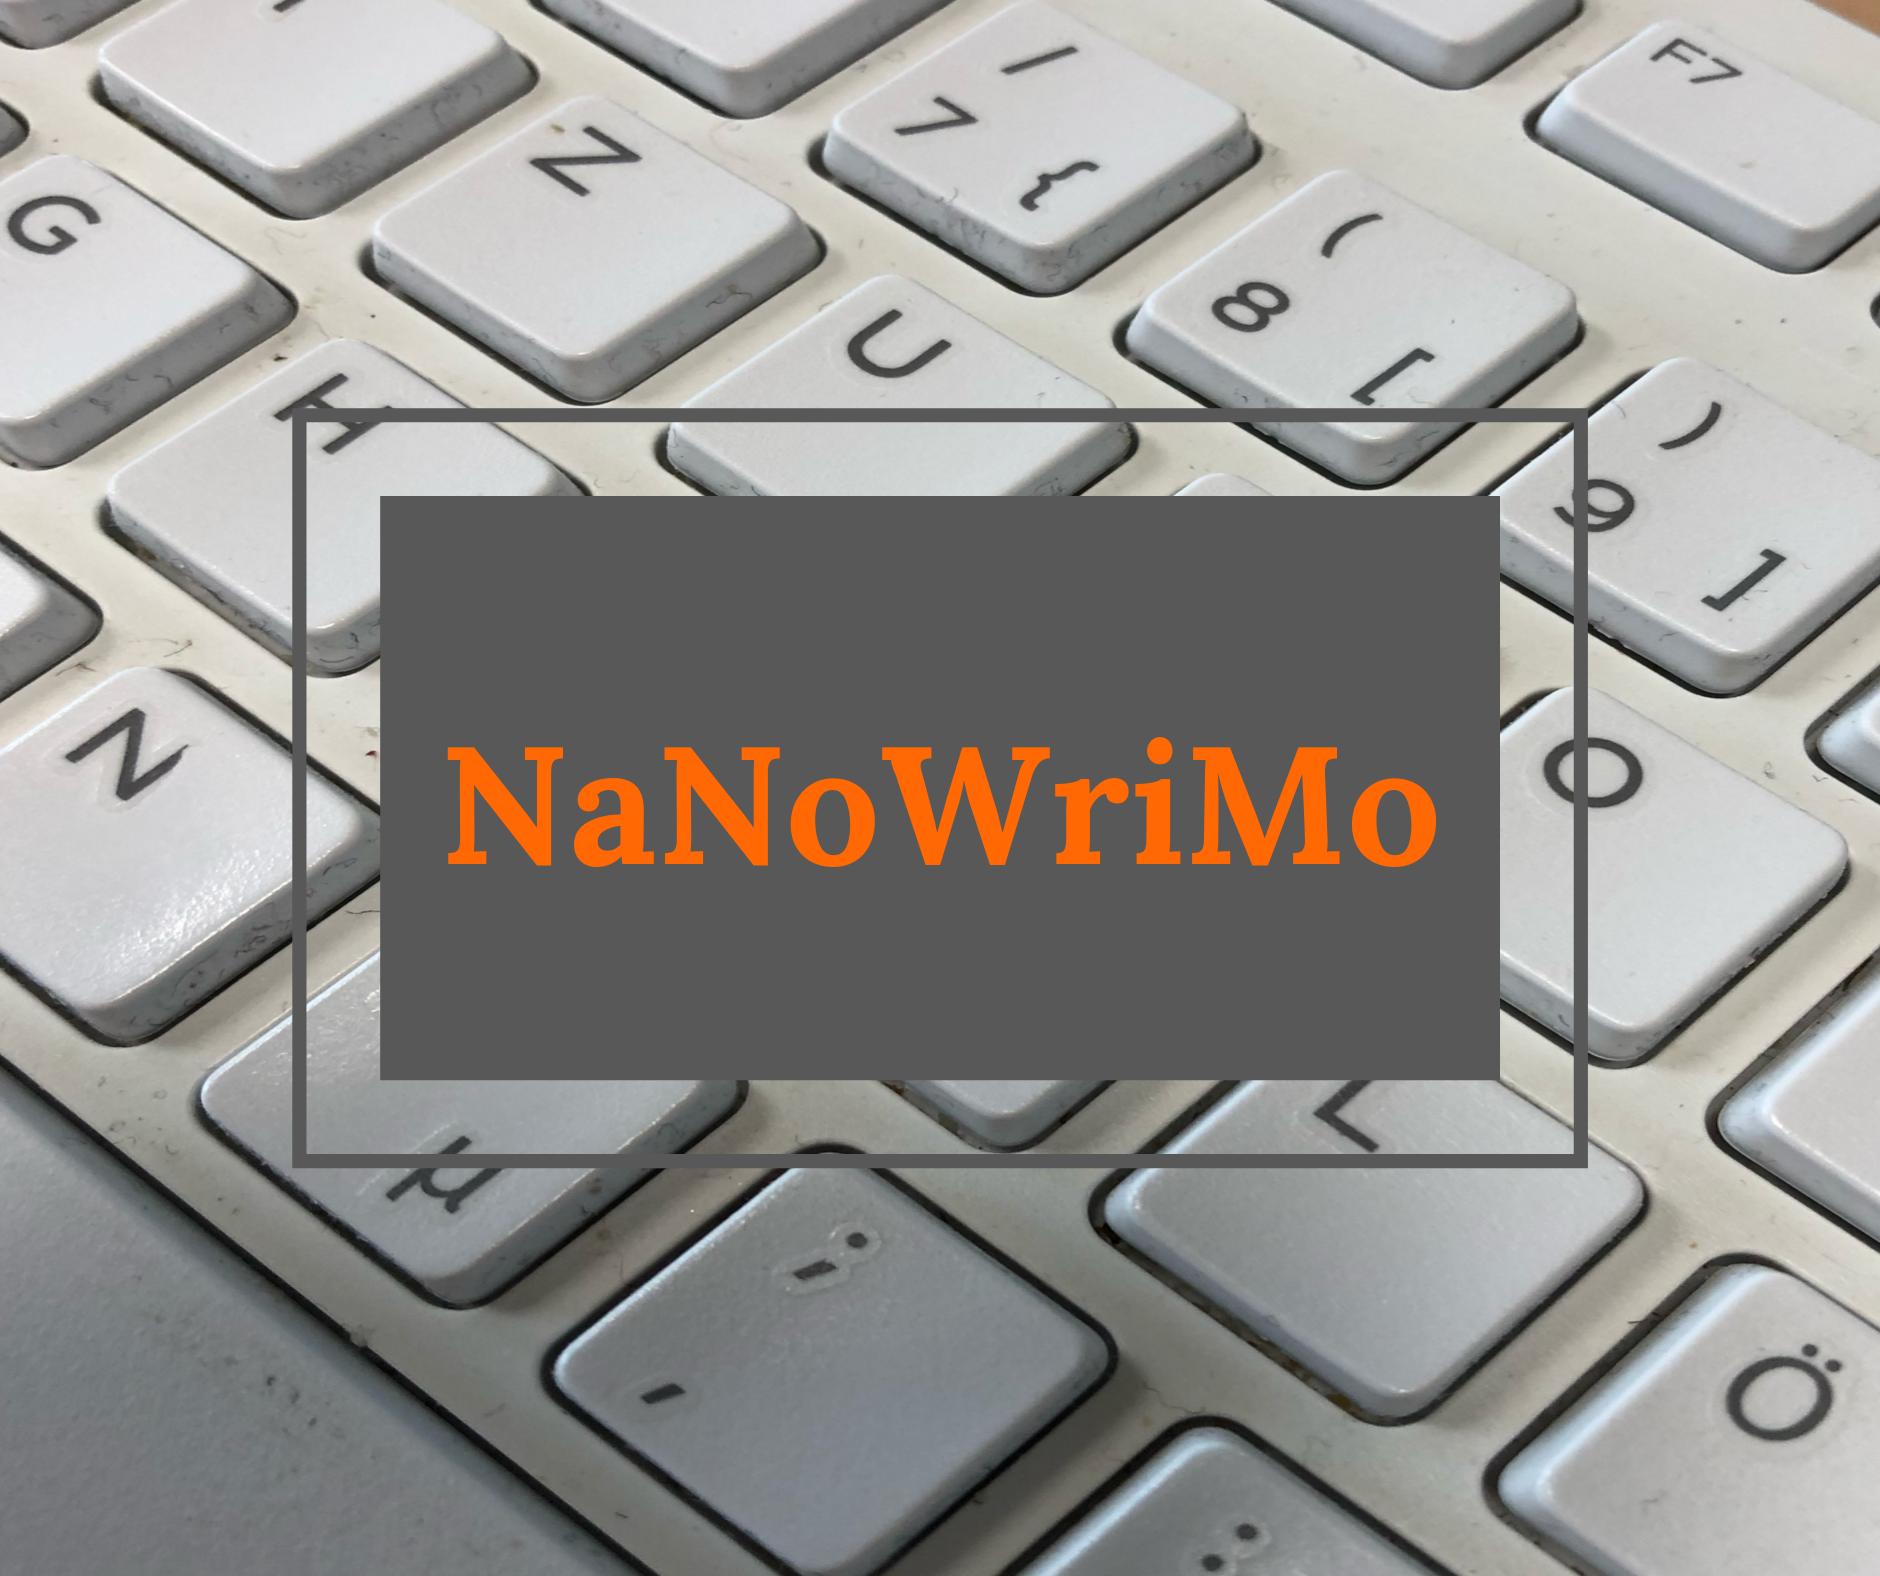 Computertastatur mit Aufschrift NaNoWriMo